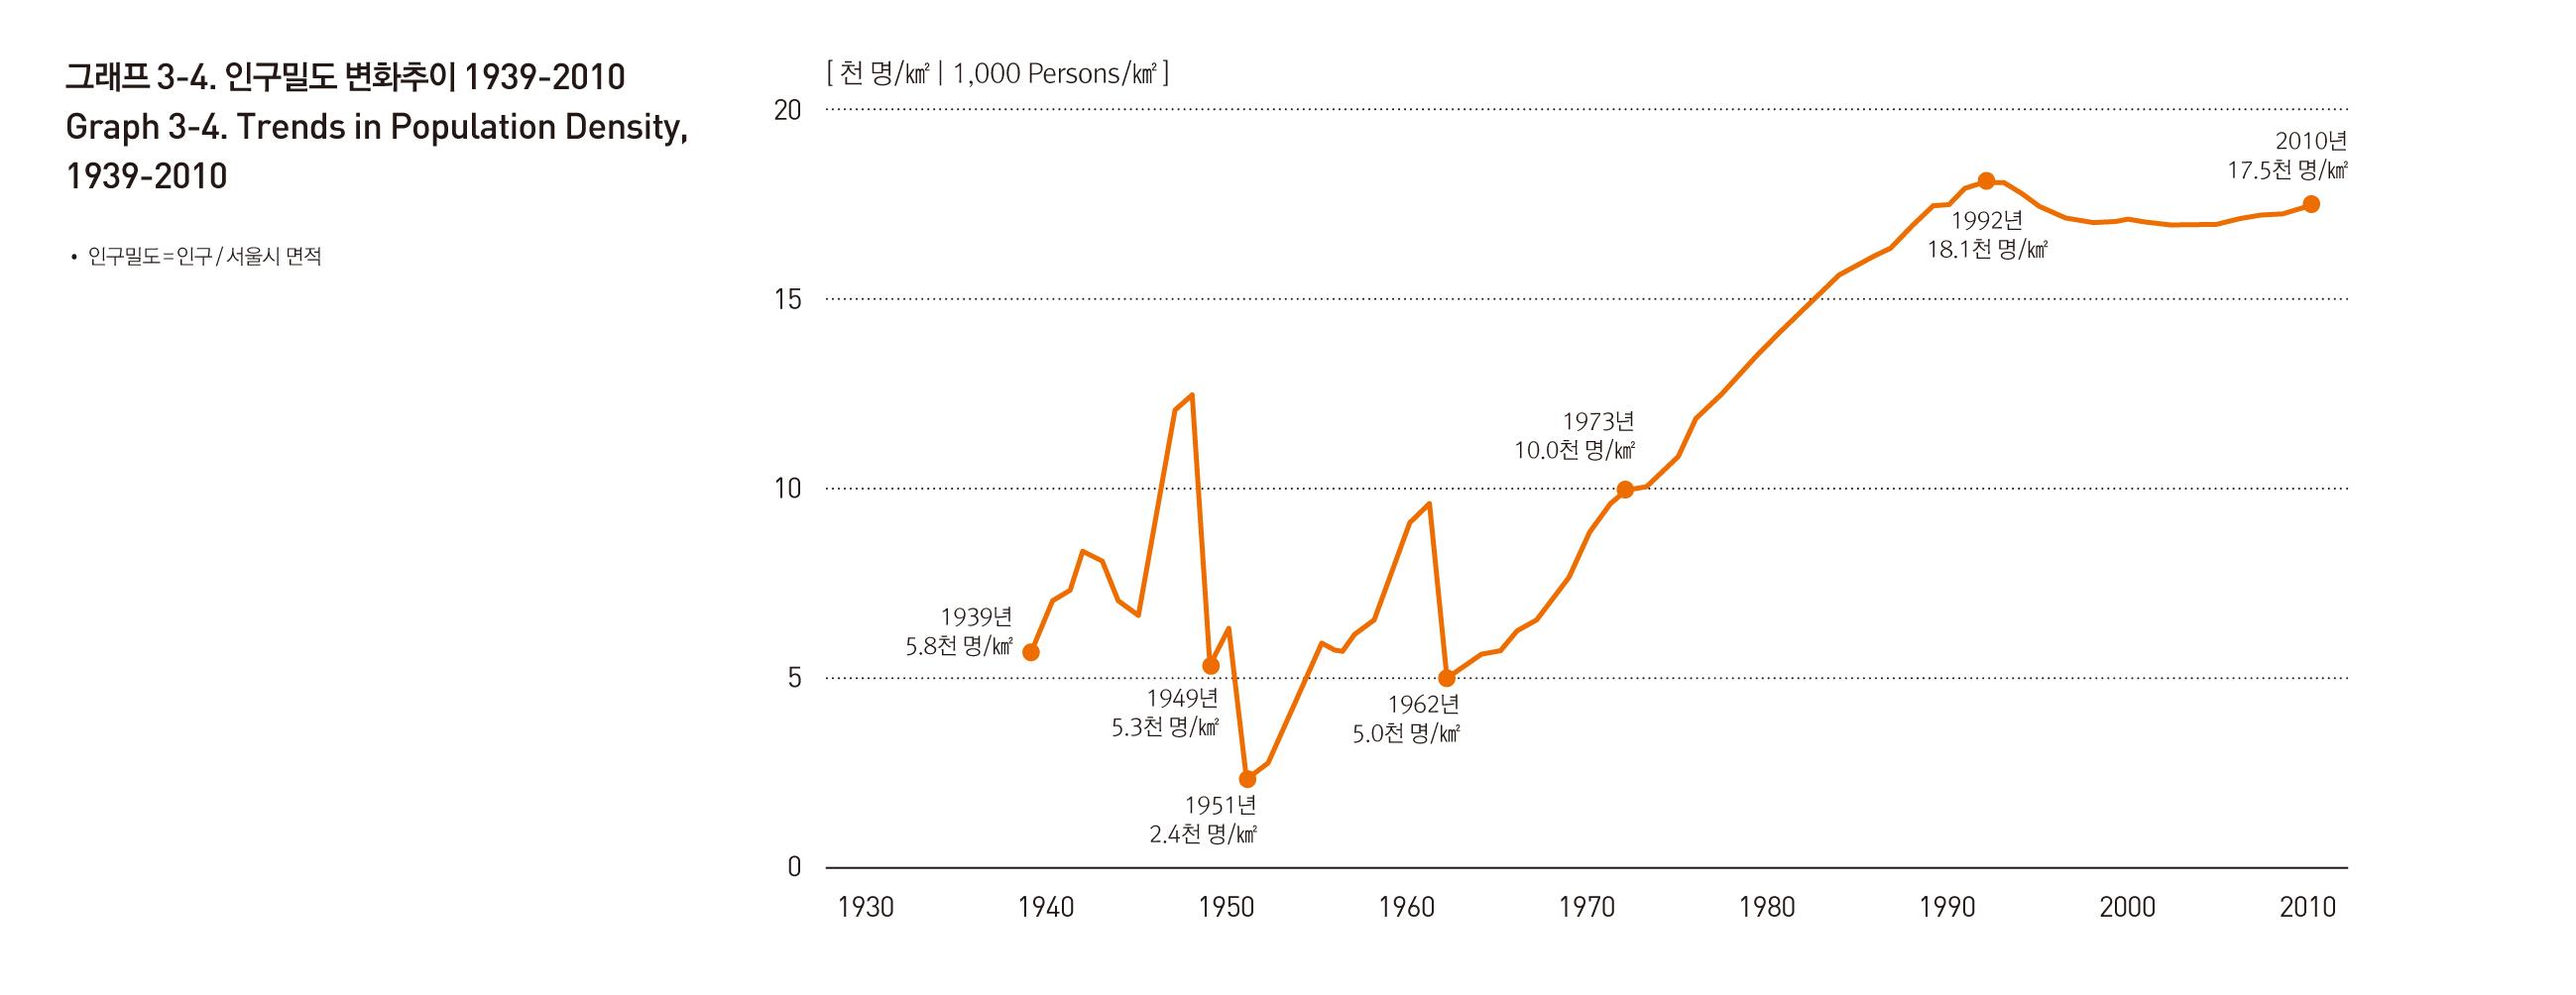 1939년부터 2010년까지 인구밀도를 보여주는 그래프입니다. 상세데이터는 아래 파일 링크를 통해 다운로드 할 수 있습니다.